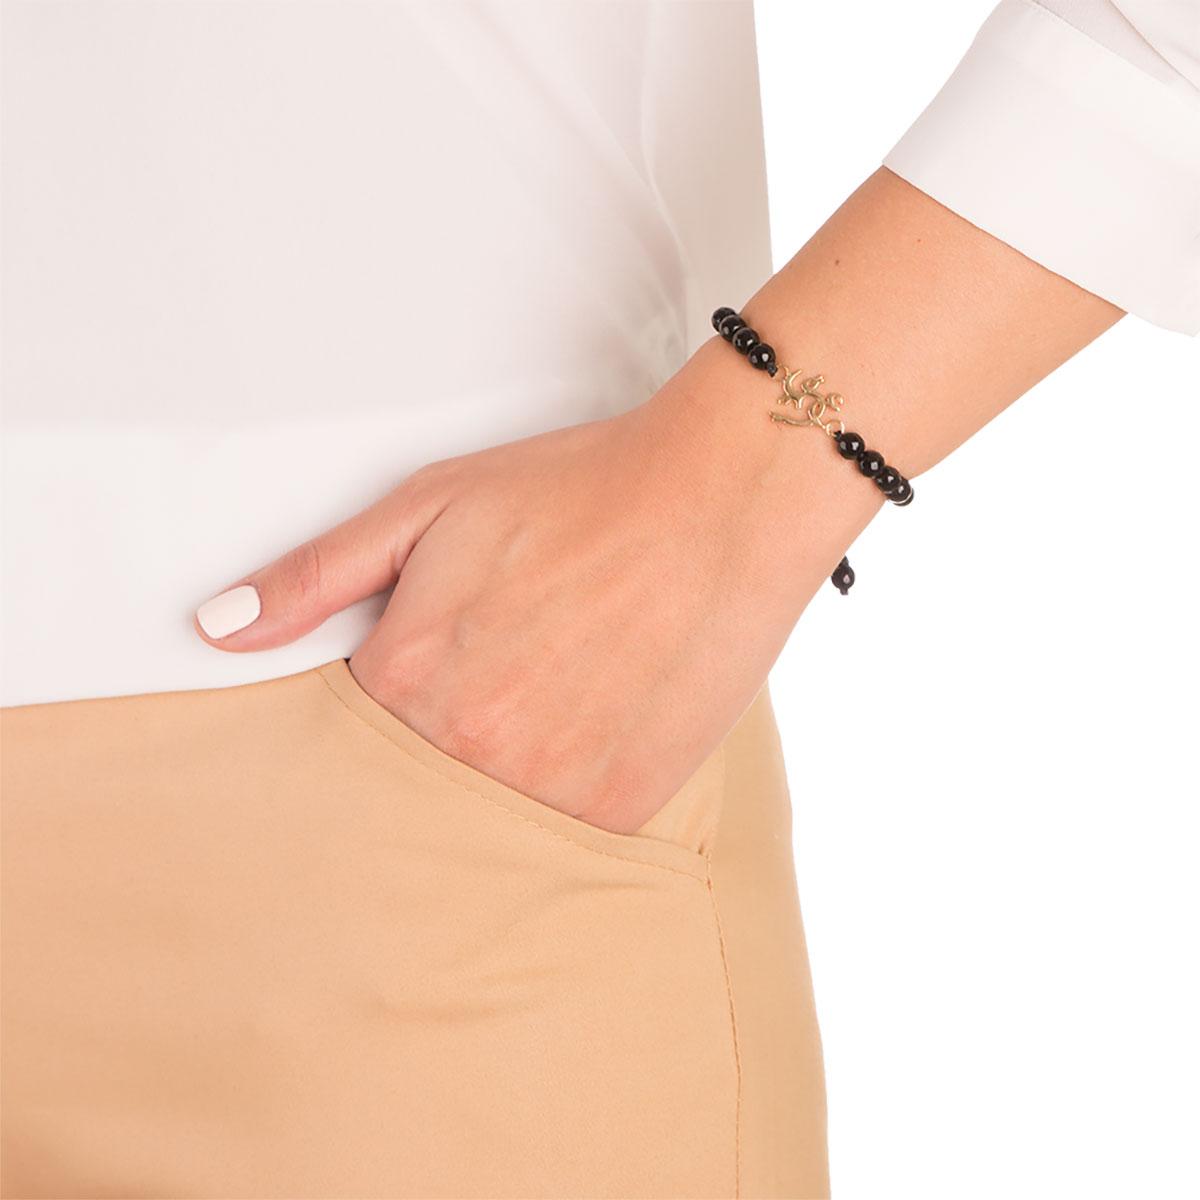 دستبند طلا عشق کوچک